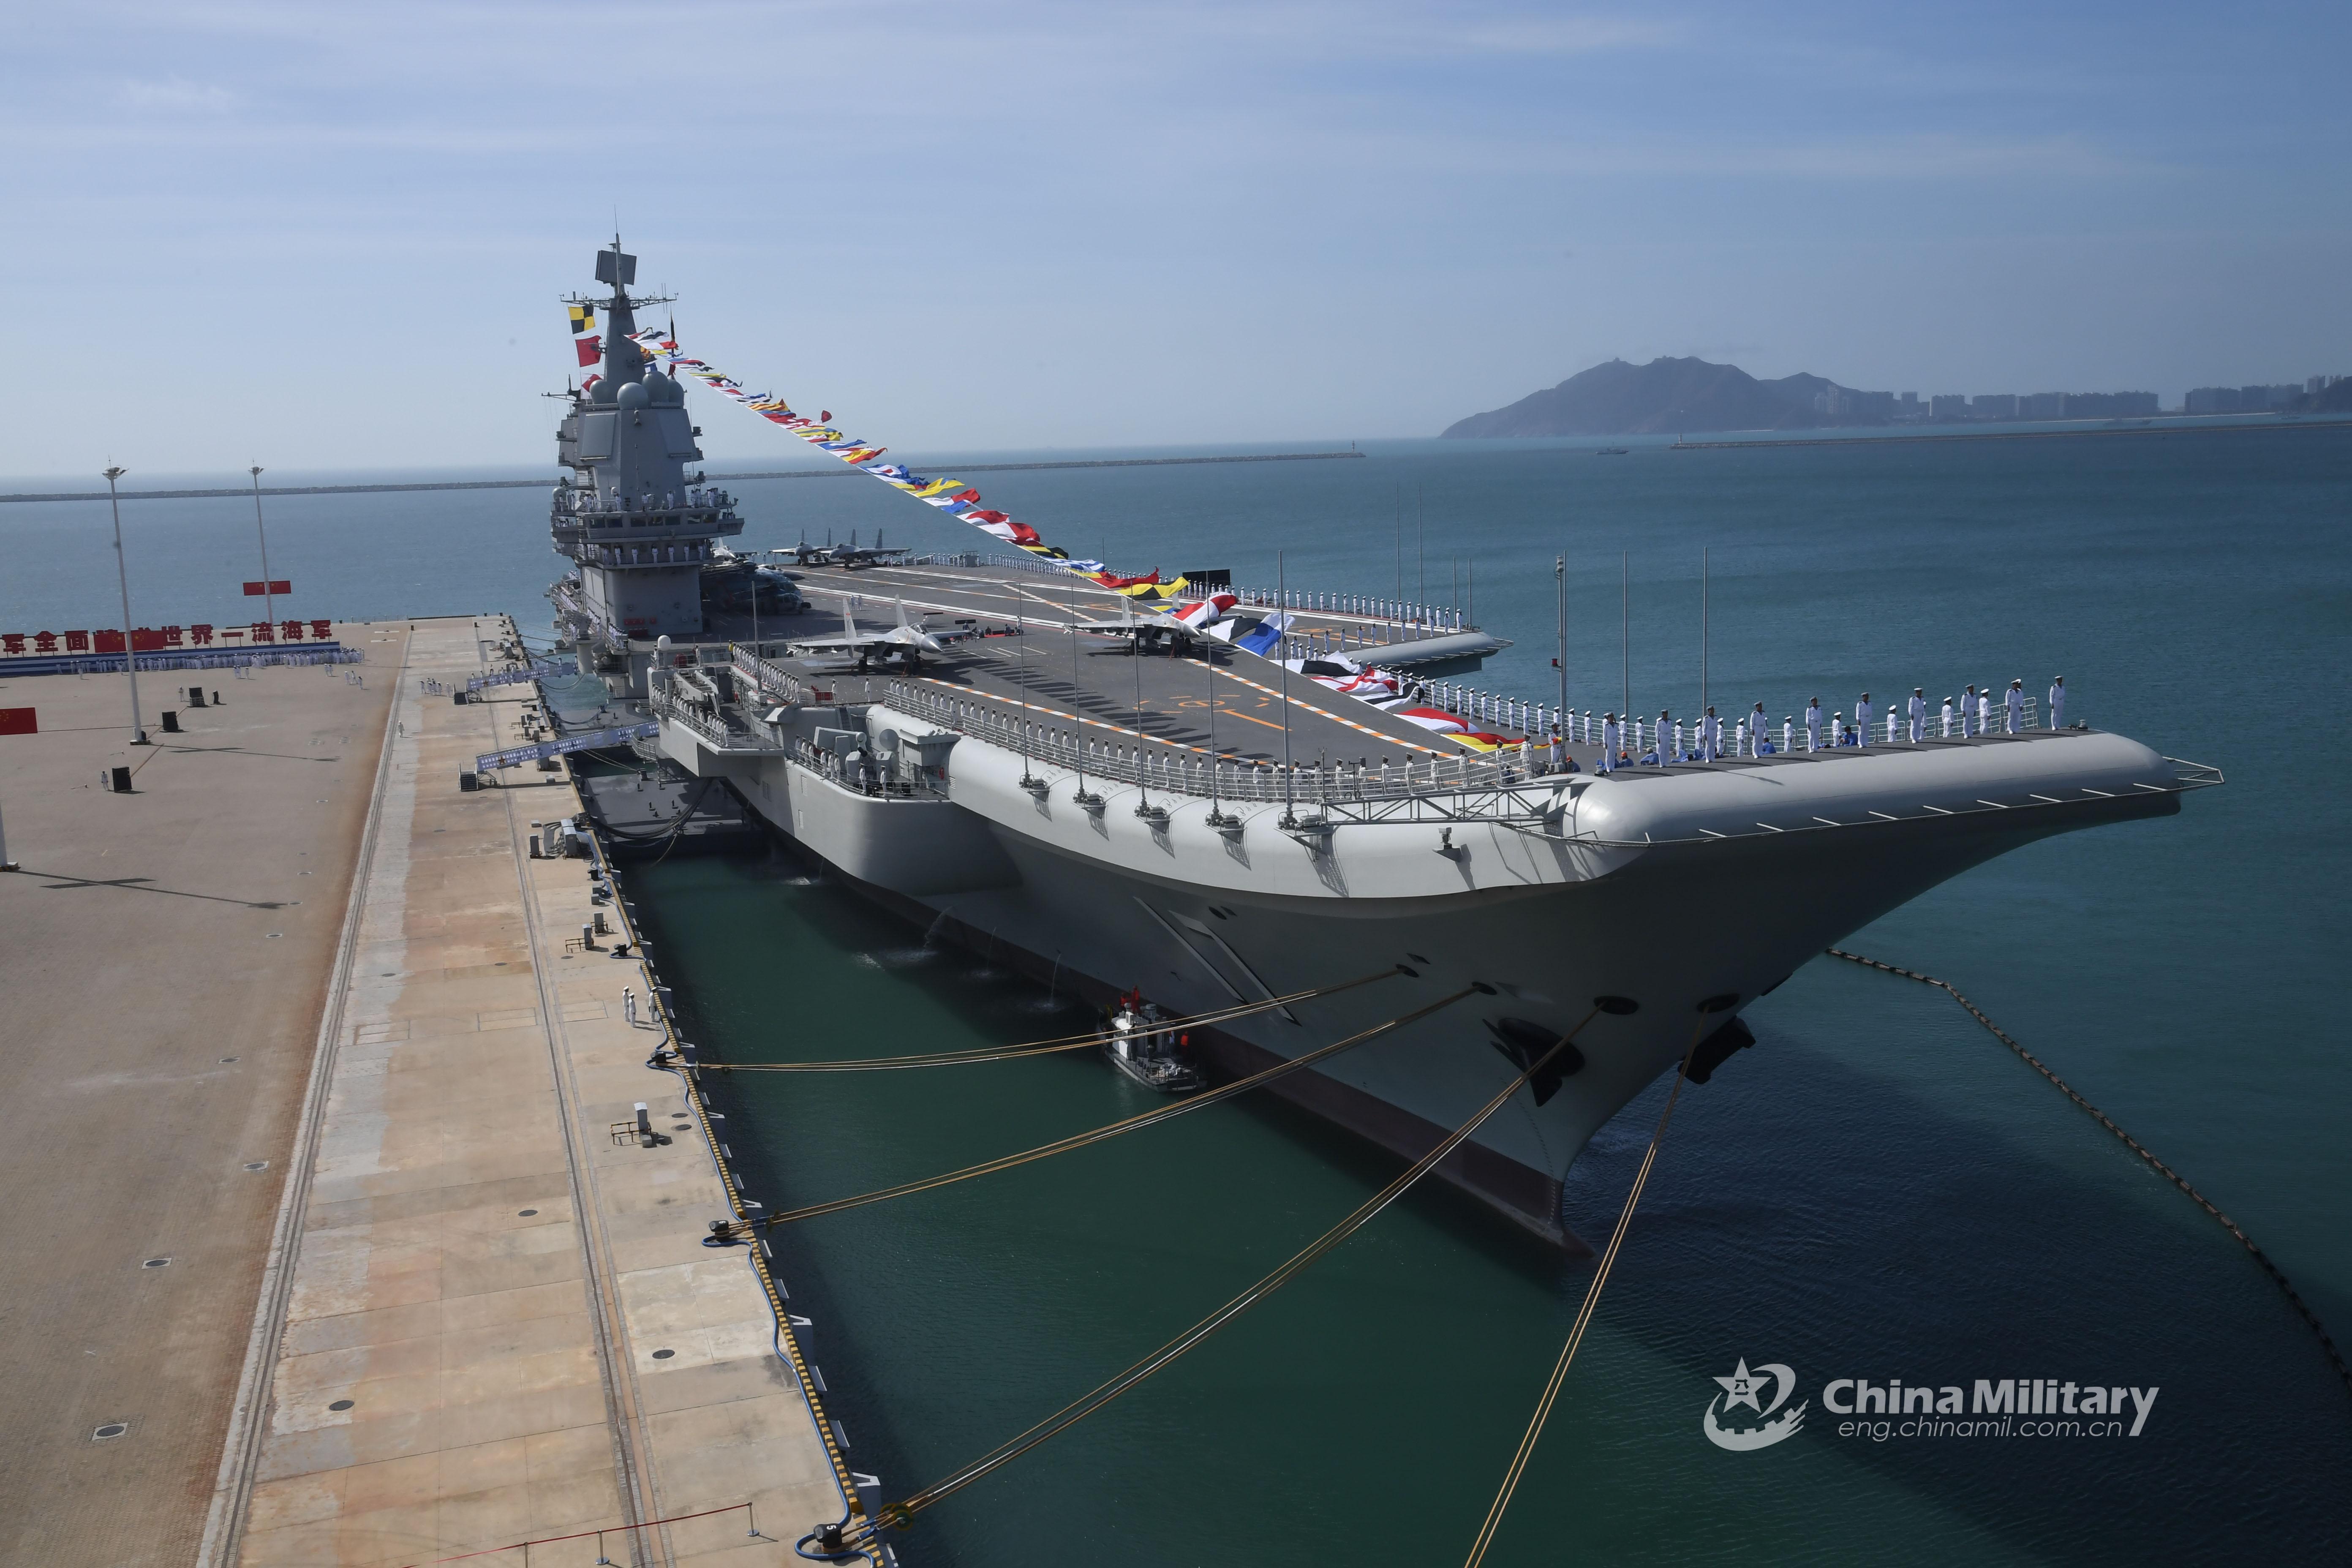 解放军海军不必与美国海军相当也足够使用,统一之后再寻求新战略